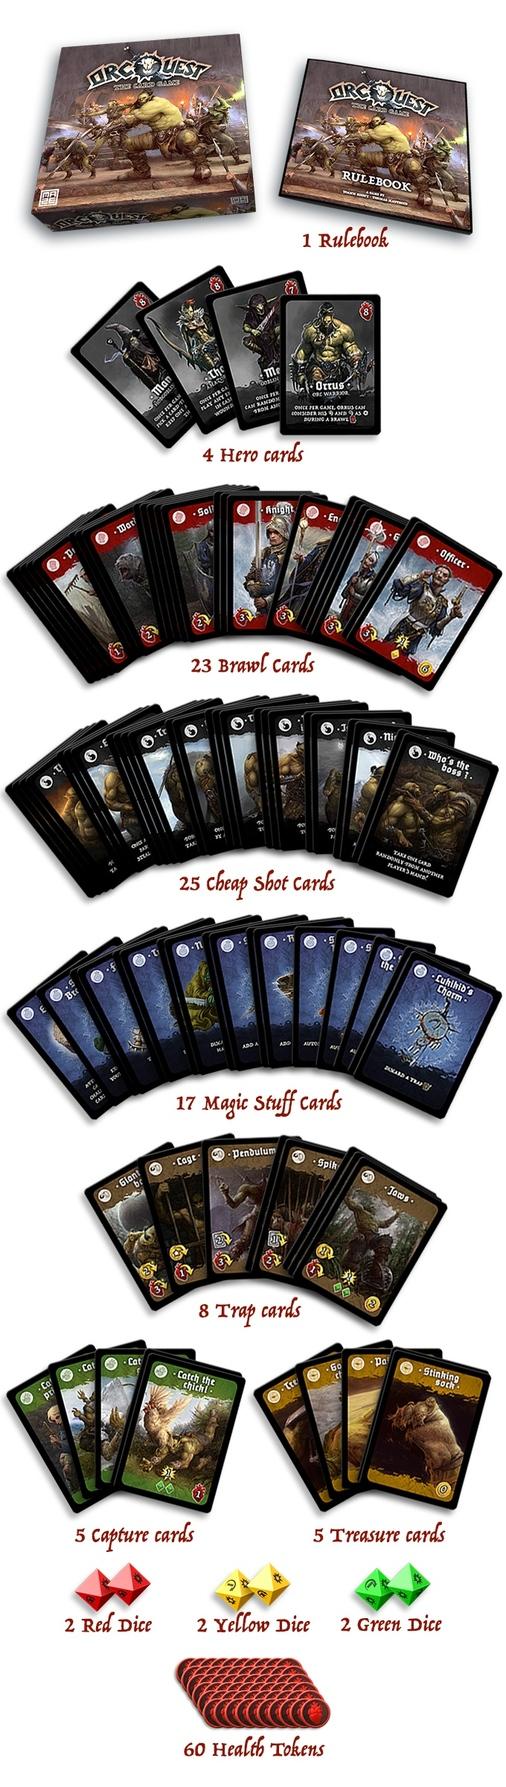 Orcquest le jeu de carte de Maze Games